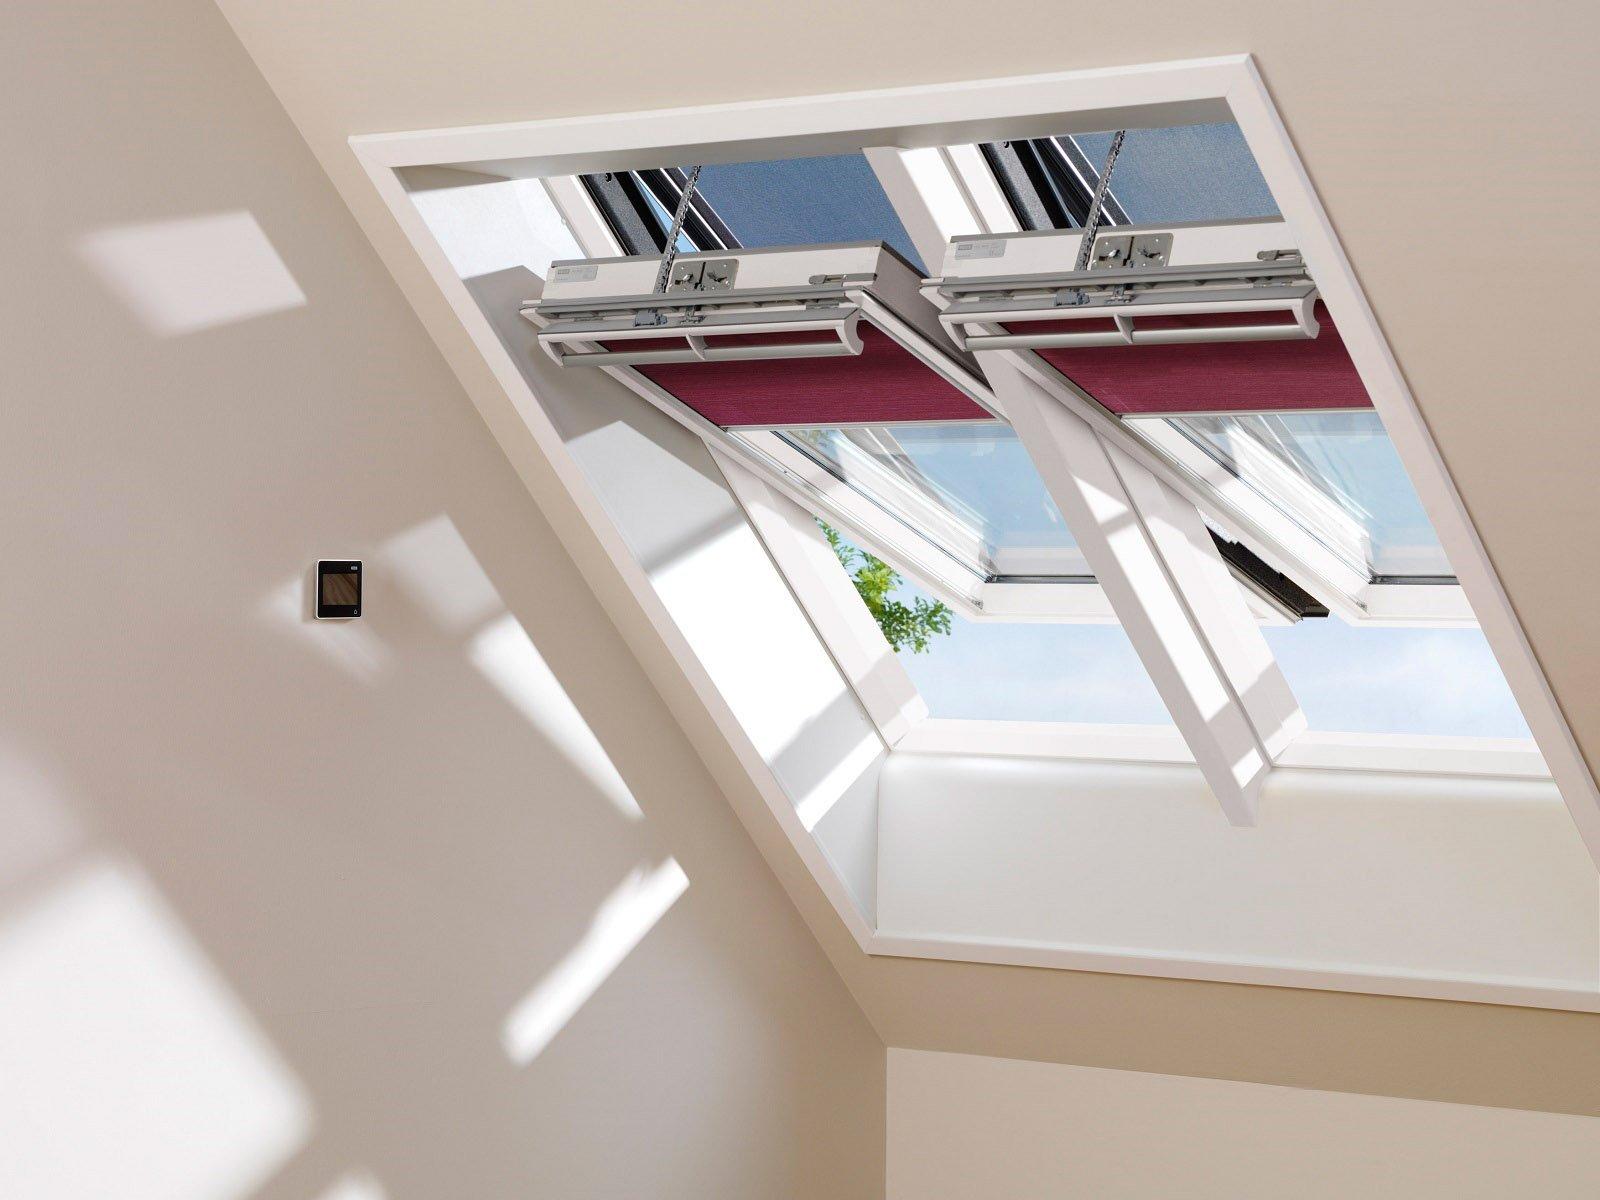 casa sicura con tetto e finestra a prova di infiltrazioni